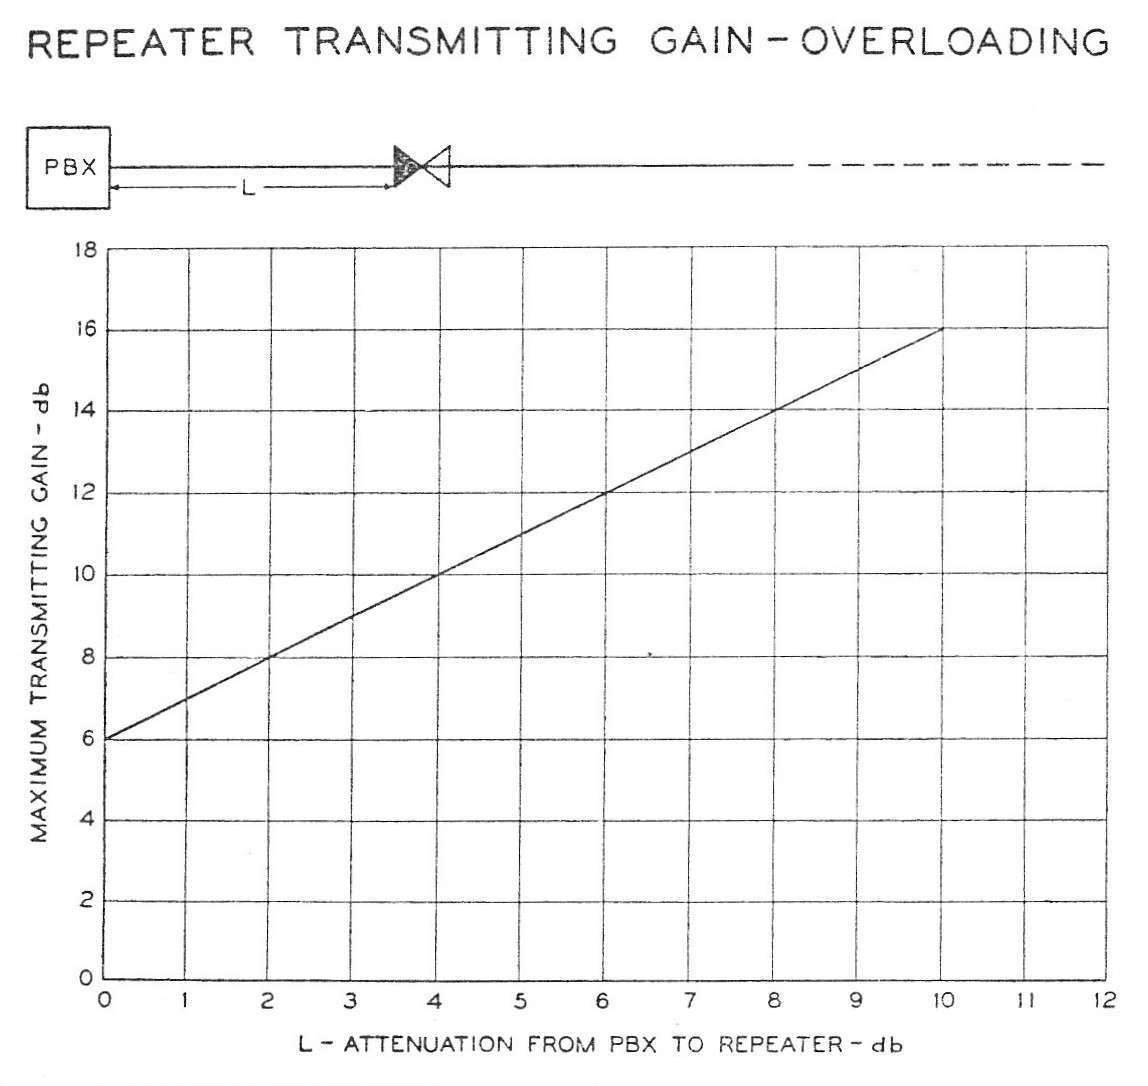 Repeater Transmitting Gain